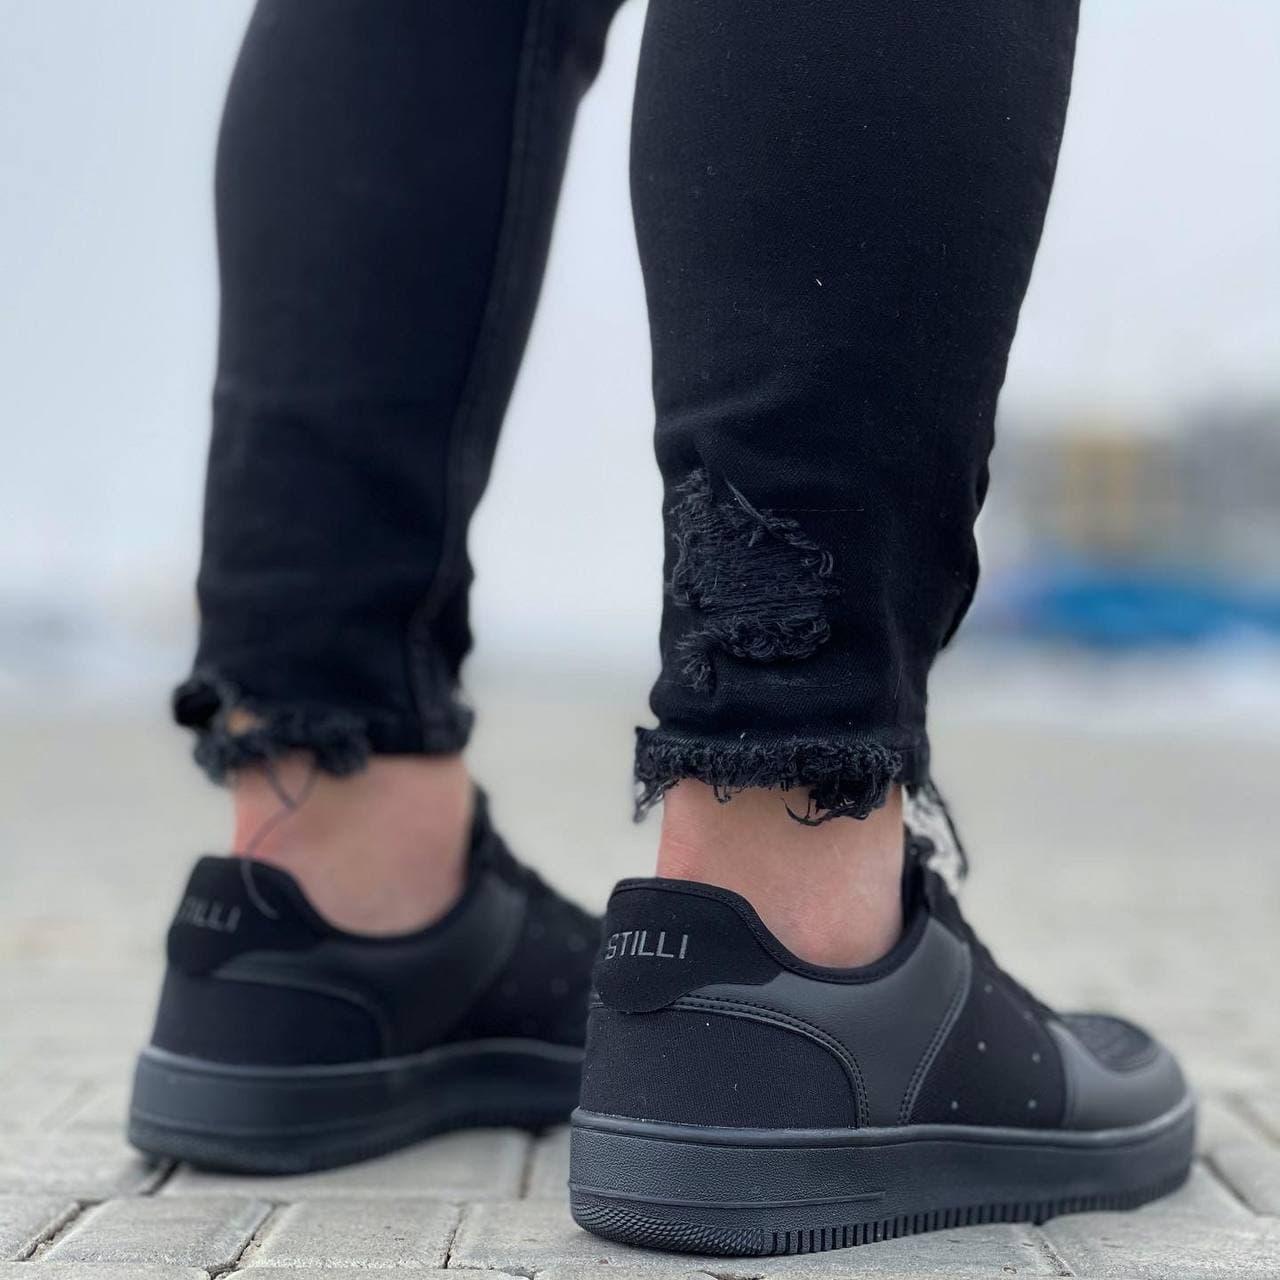 Чоловічі кросівки в стилі Stilli 41-45 білі з чорним 073